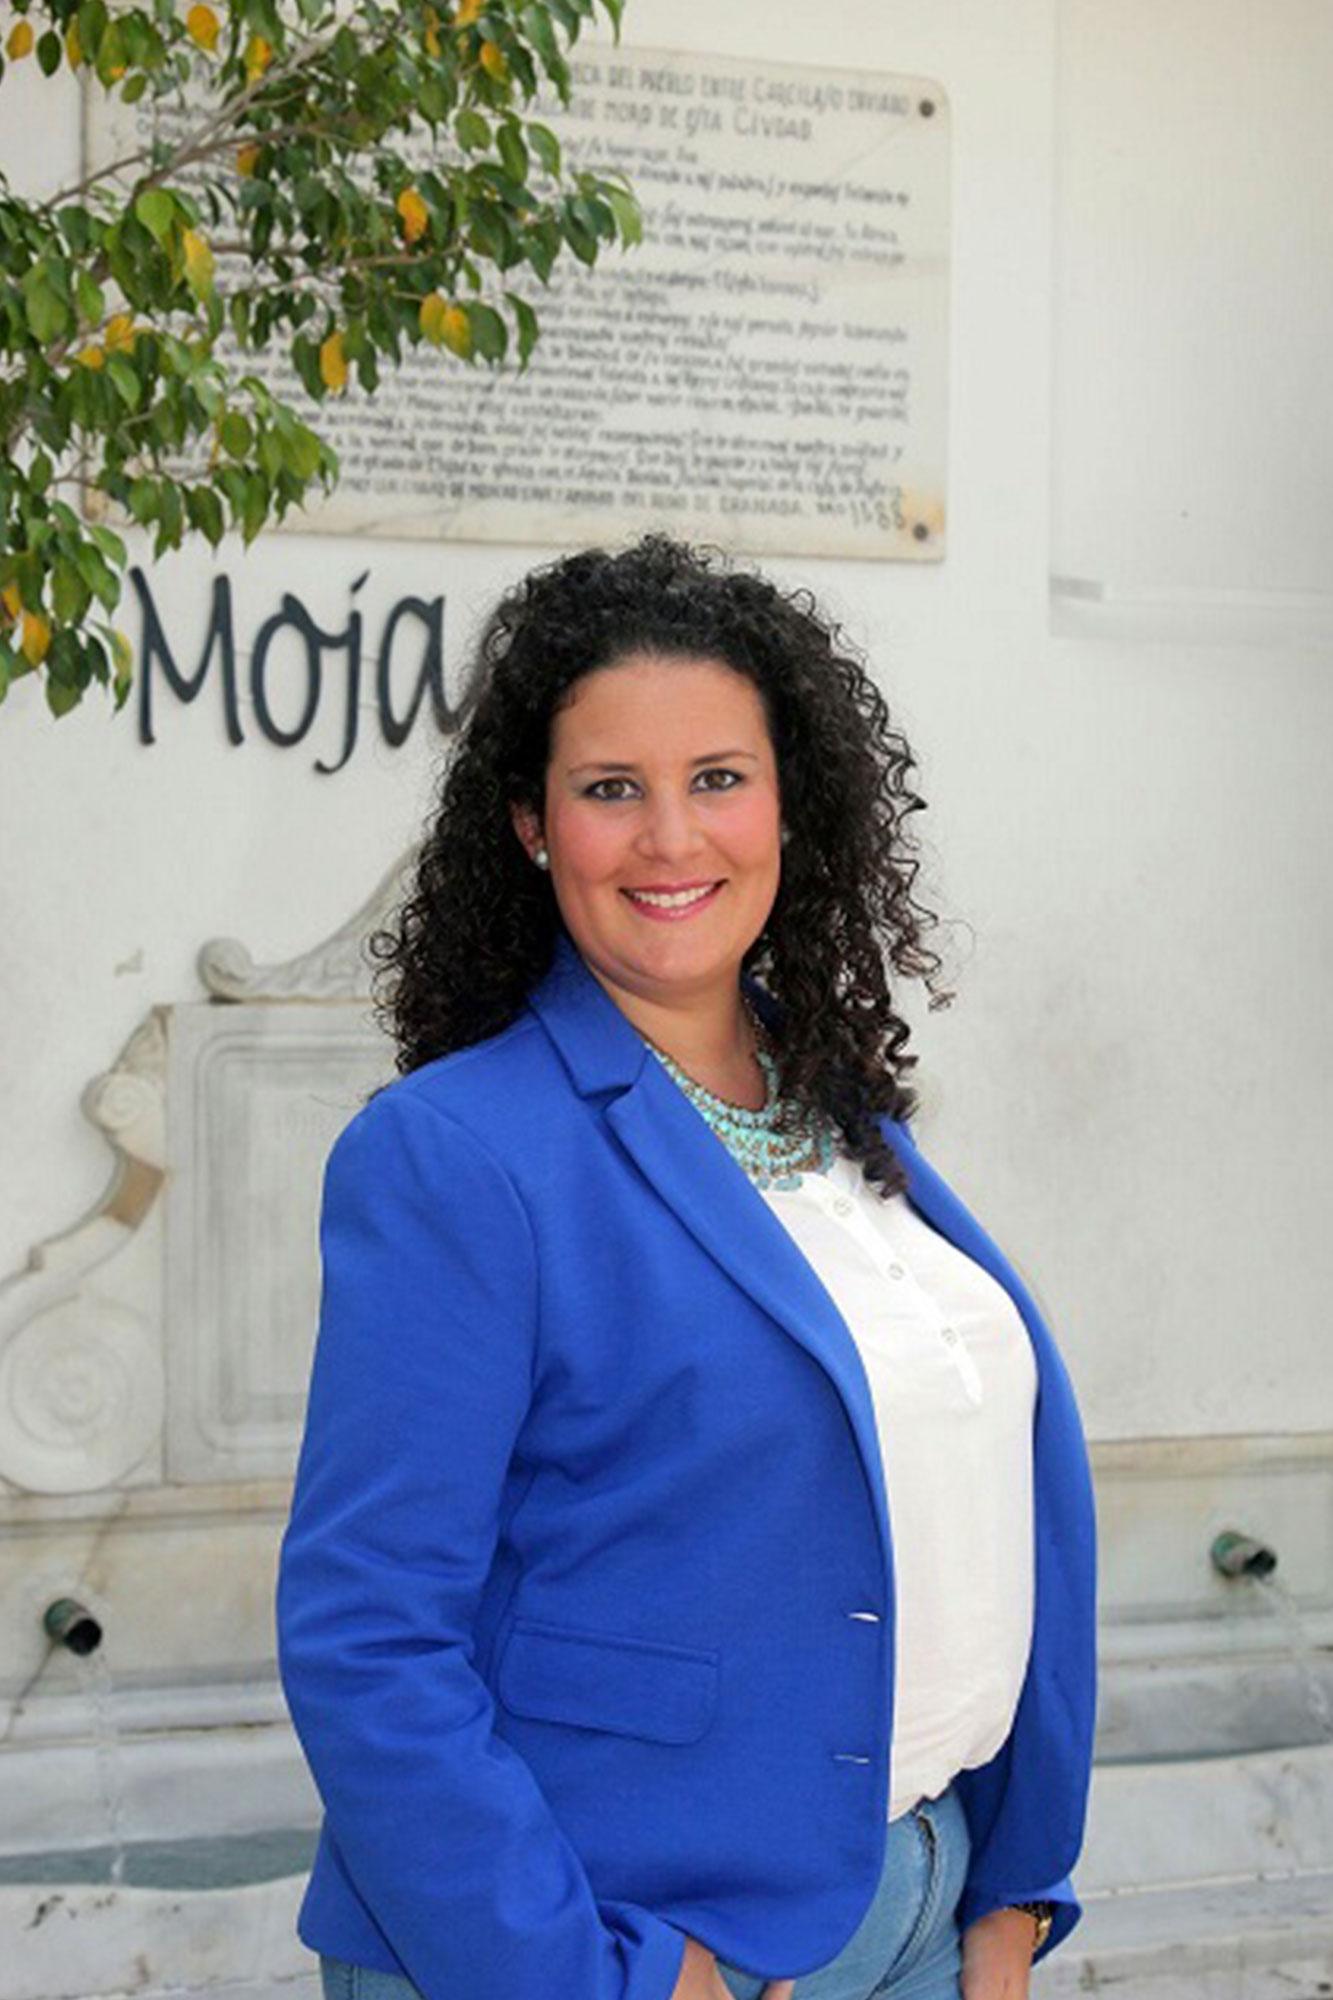 Raquel Belmonte - Ayuntamiento de Mojácar